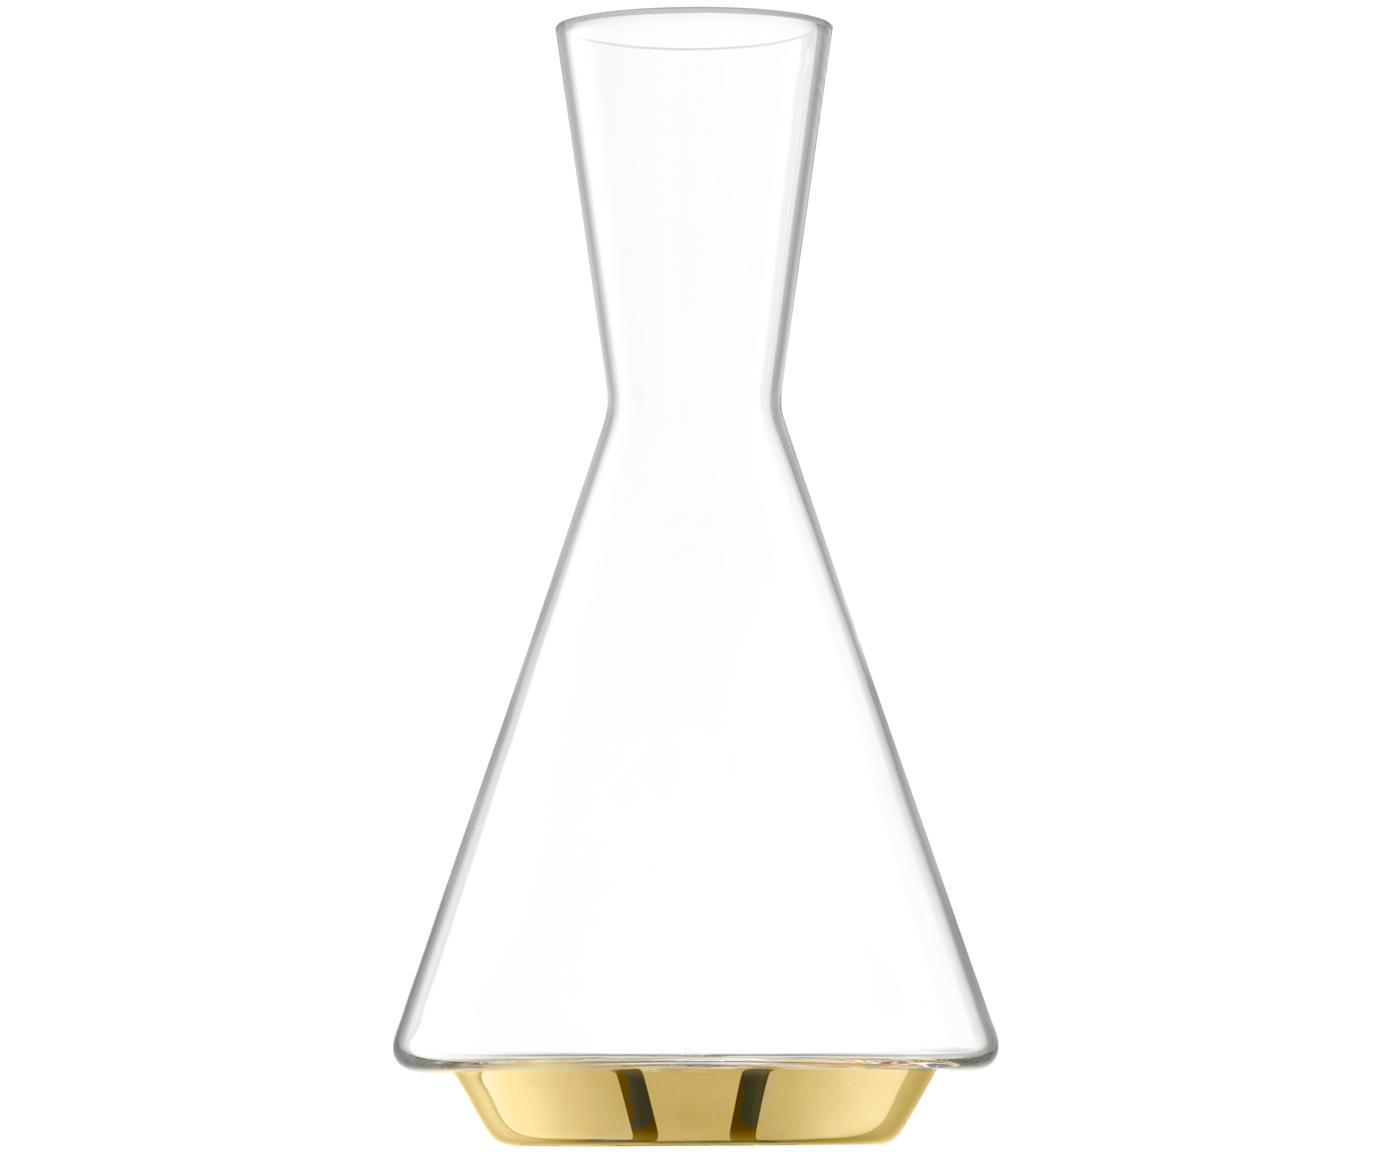 Mundgeblasene Karaffe Space, Glas, Transparent, Goldfarben, 1.6 L